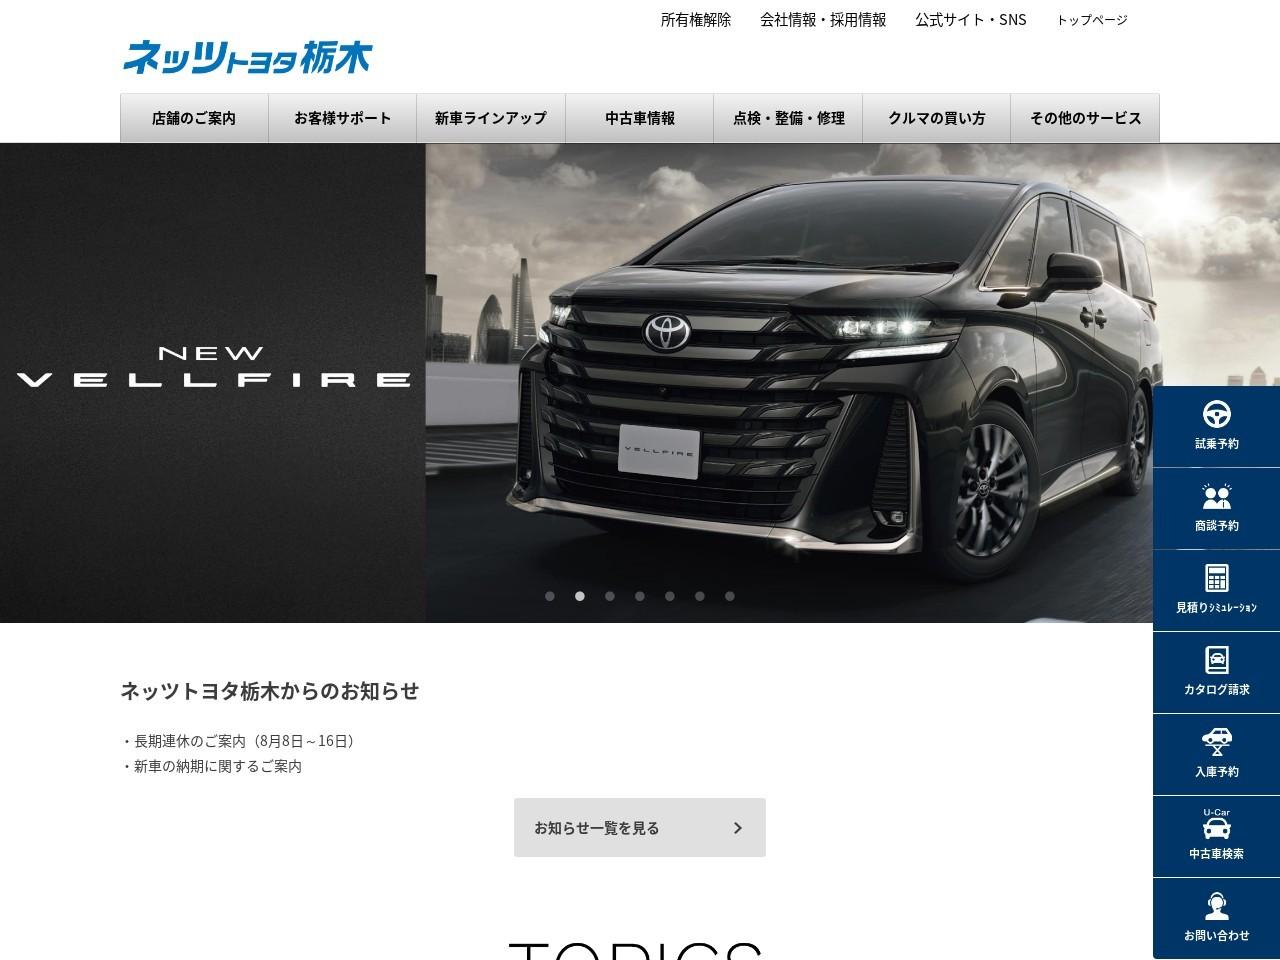 ネッツトヨタ栃木株式会社/ネッツウェルキャブステーション